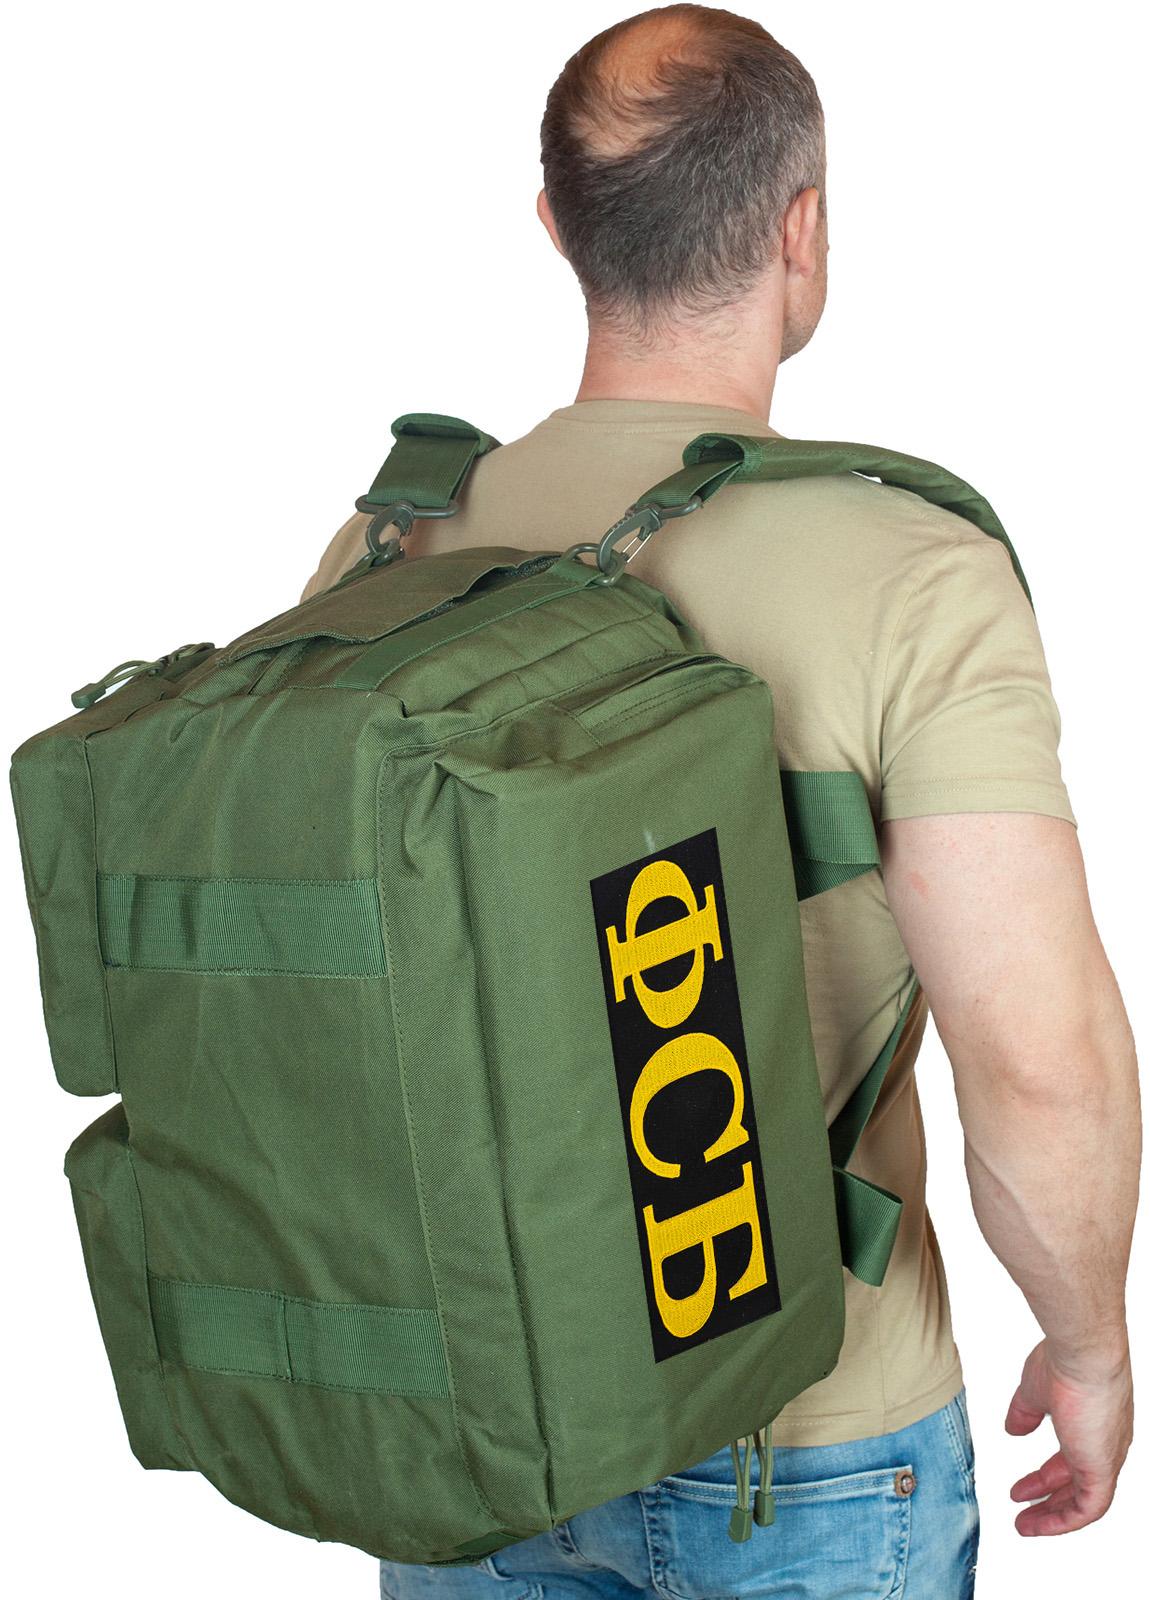 Купить походную тактическую сумку ФСБ по лучшей цене онлайн